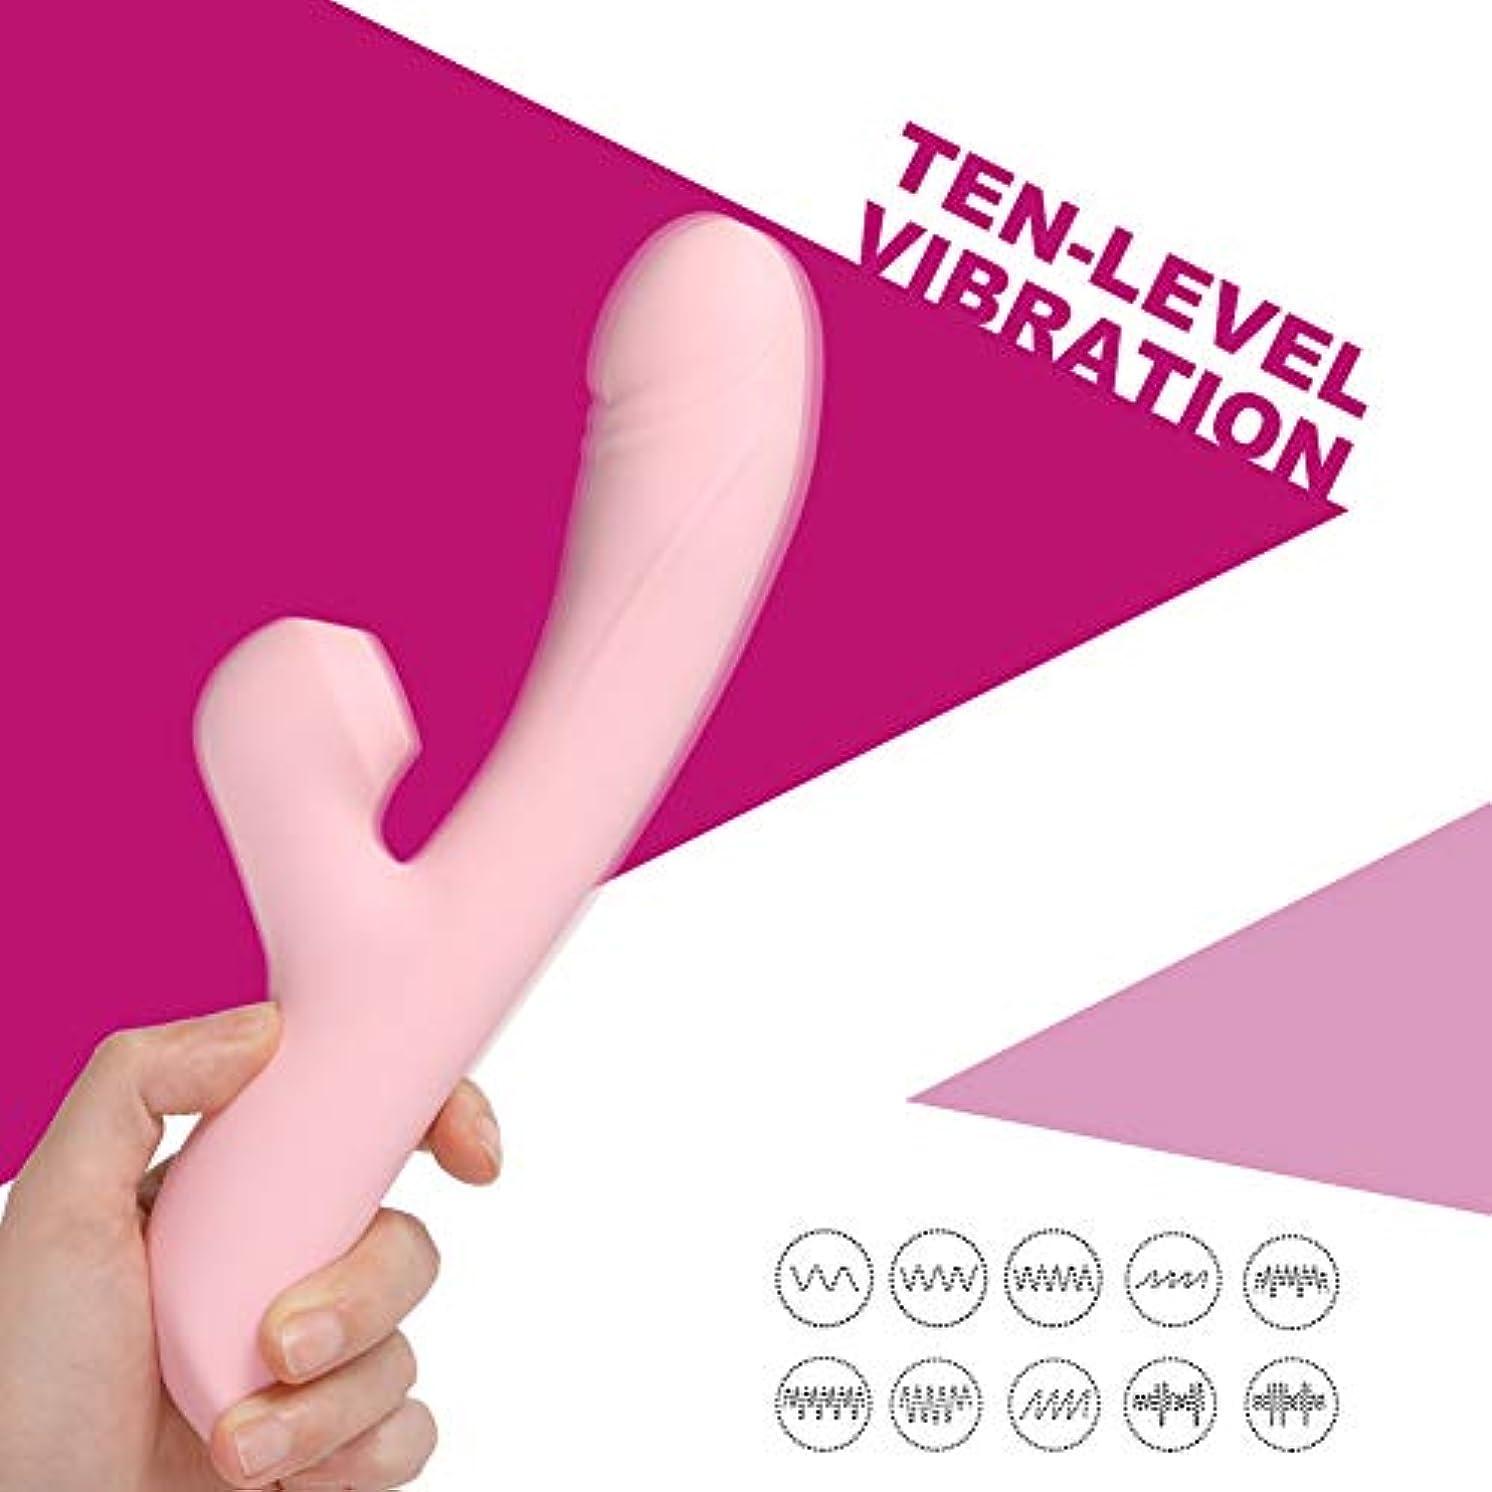 ボスバンガローフォージクラランス ボディ 人気 バイブレーター 加熱機能 潮吹き 女性 Gスポット 女性マッサージ器 アダルトグッズ (ピンク色)